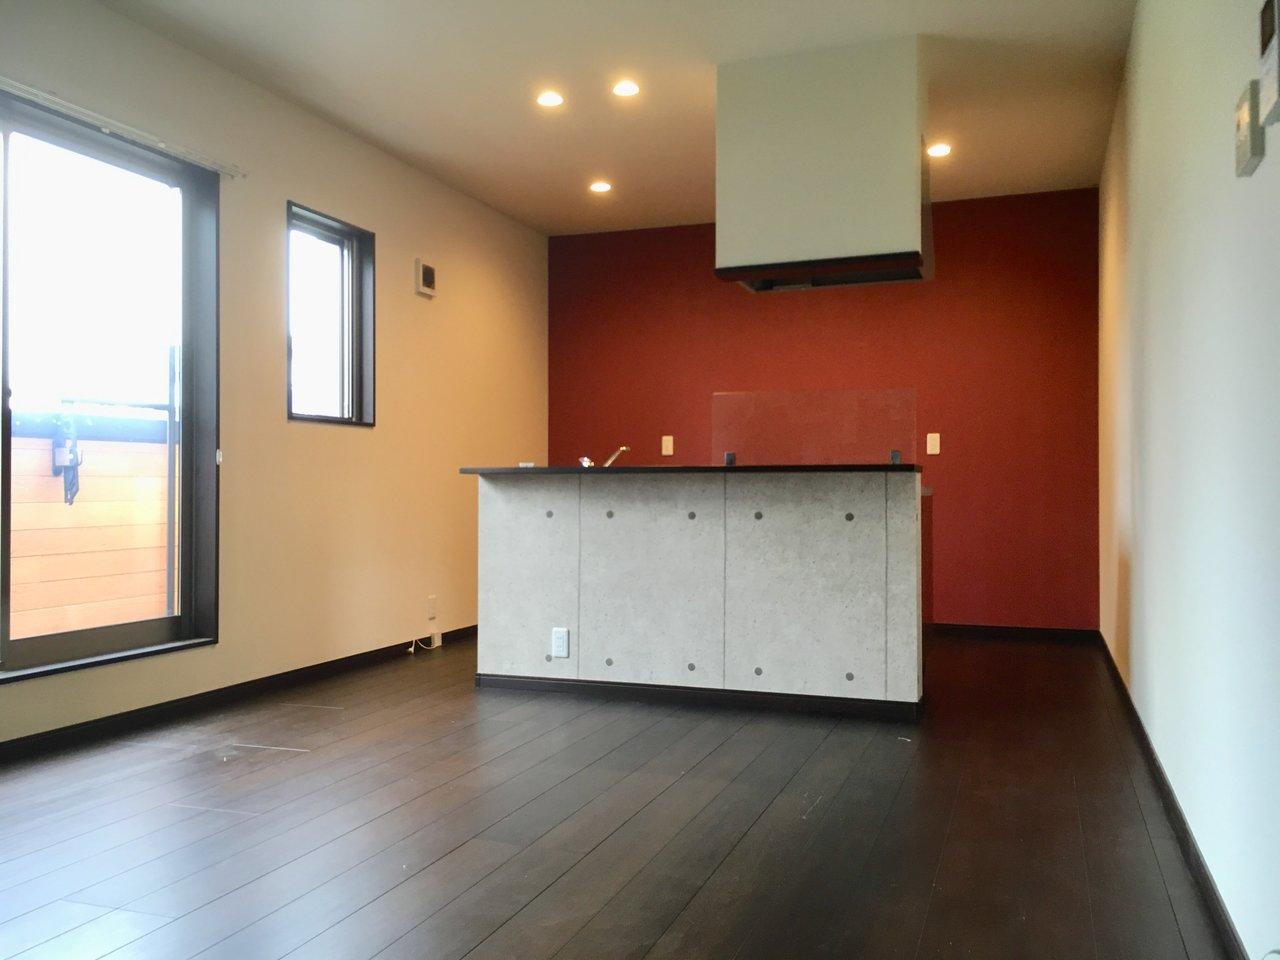 2階は17畳とかなり広めのワンルームです。アイランドキッチンがドン、と。これぞデザイナーズ。